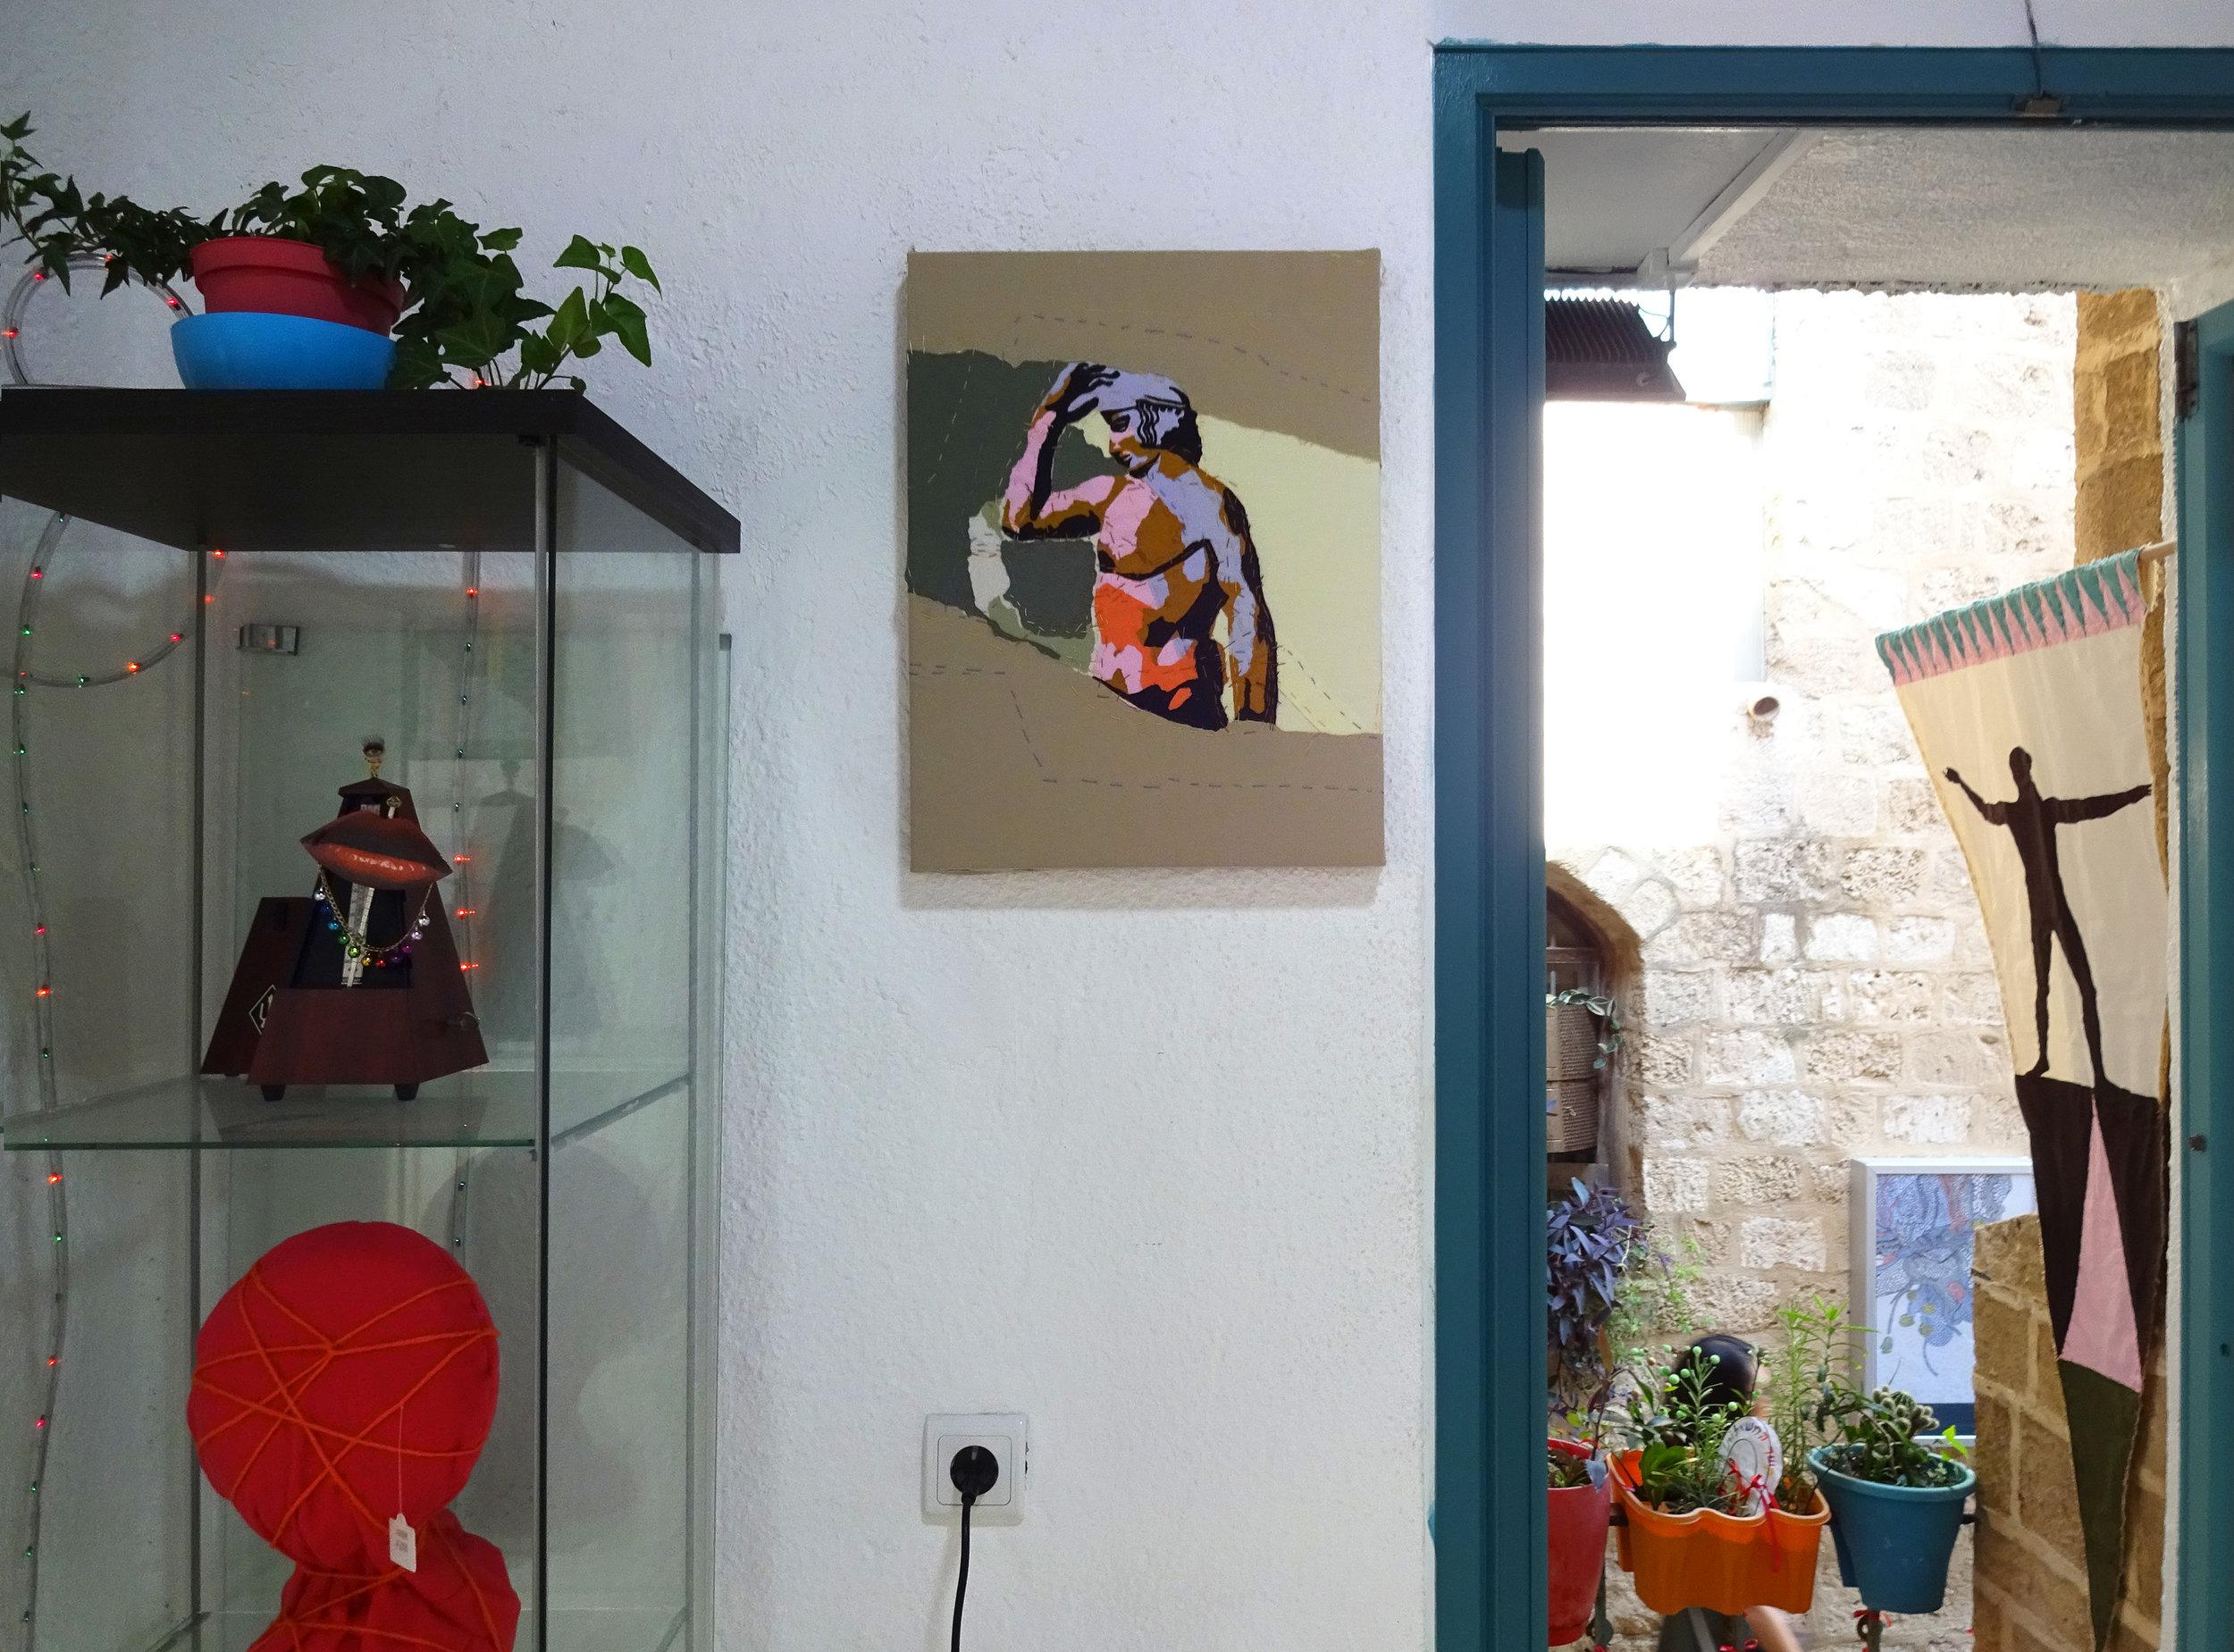 Installation view (With Aviv Keller)